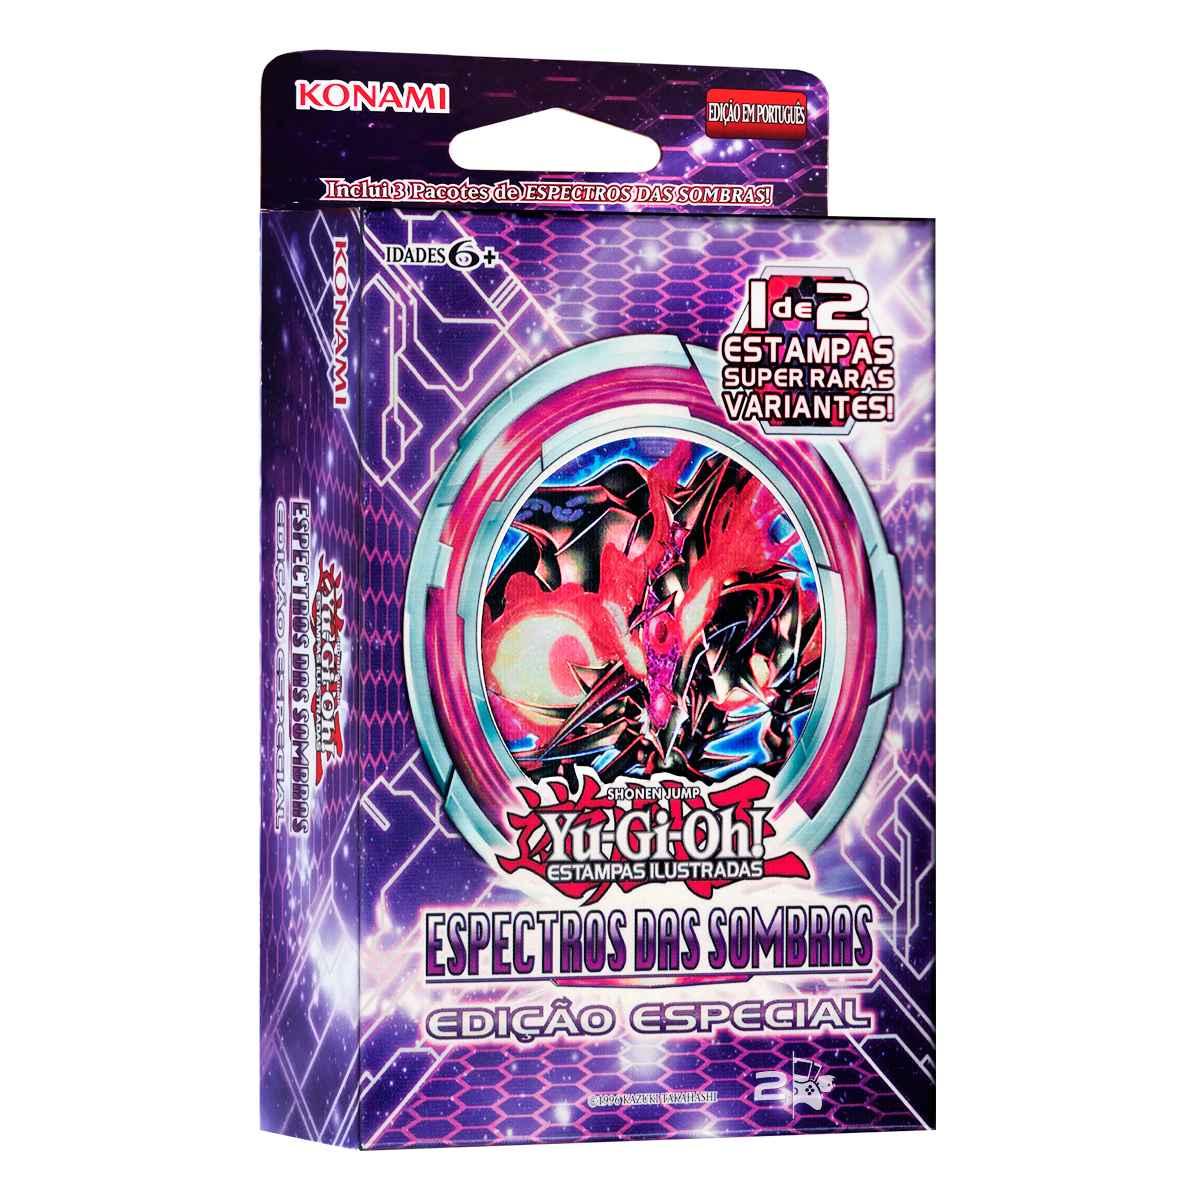 Yugioh Espectro das Sombras Edição Especial Booster